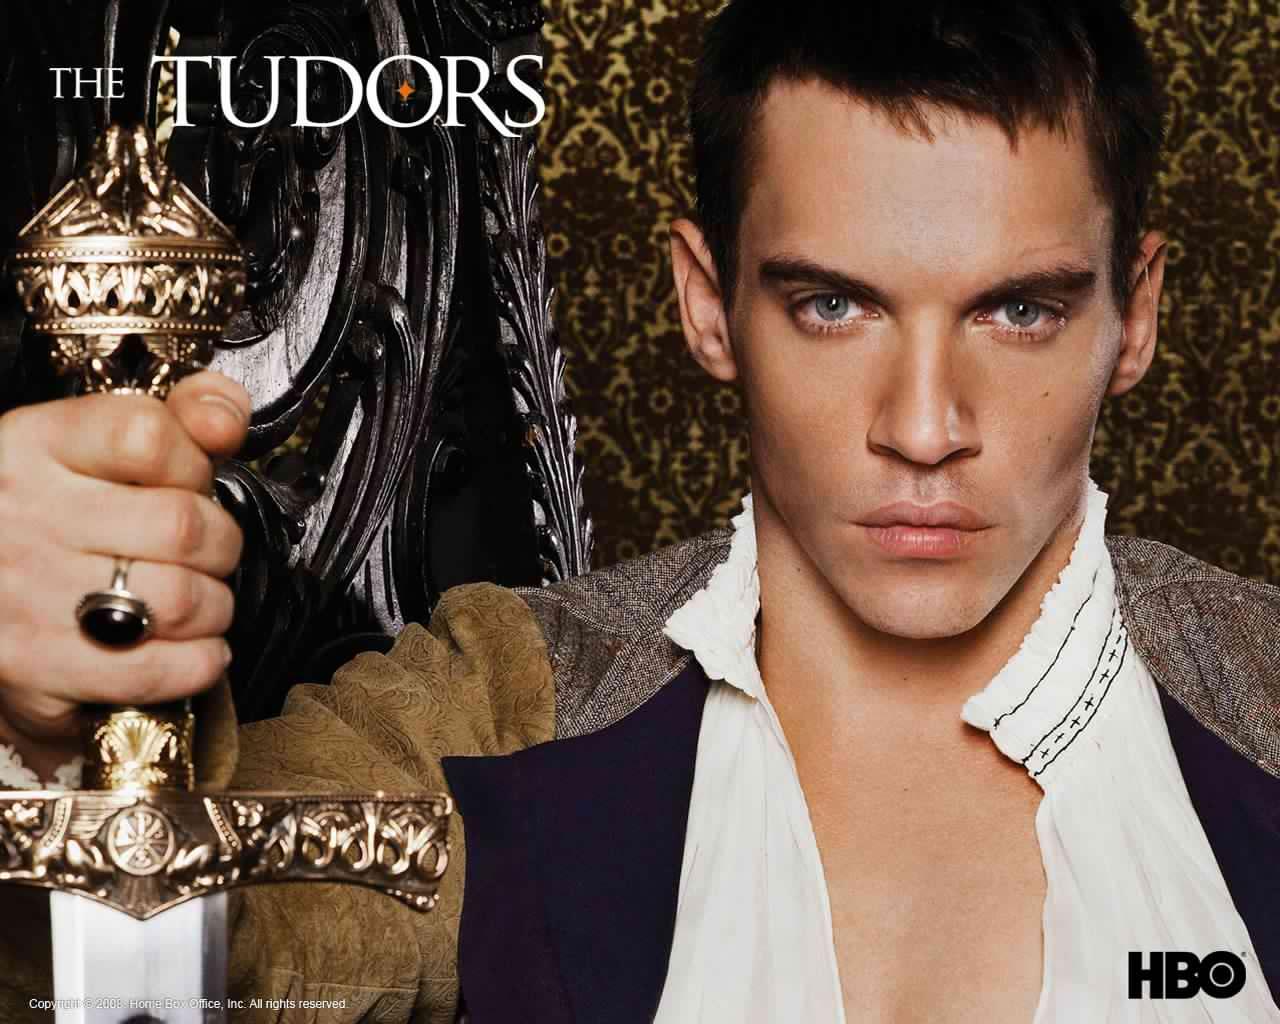 http://3.bp.blogspot.com/_m03cGx-c3FM/TLaDLIcqqUI/AAAAAAAAABg/vpUAeLBpuyc/s1600/Tudors-Jonathan-Rhys-Meyers-1681.jpg